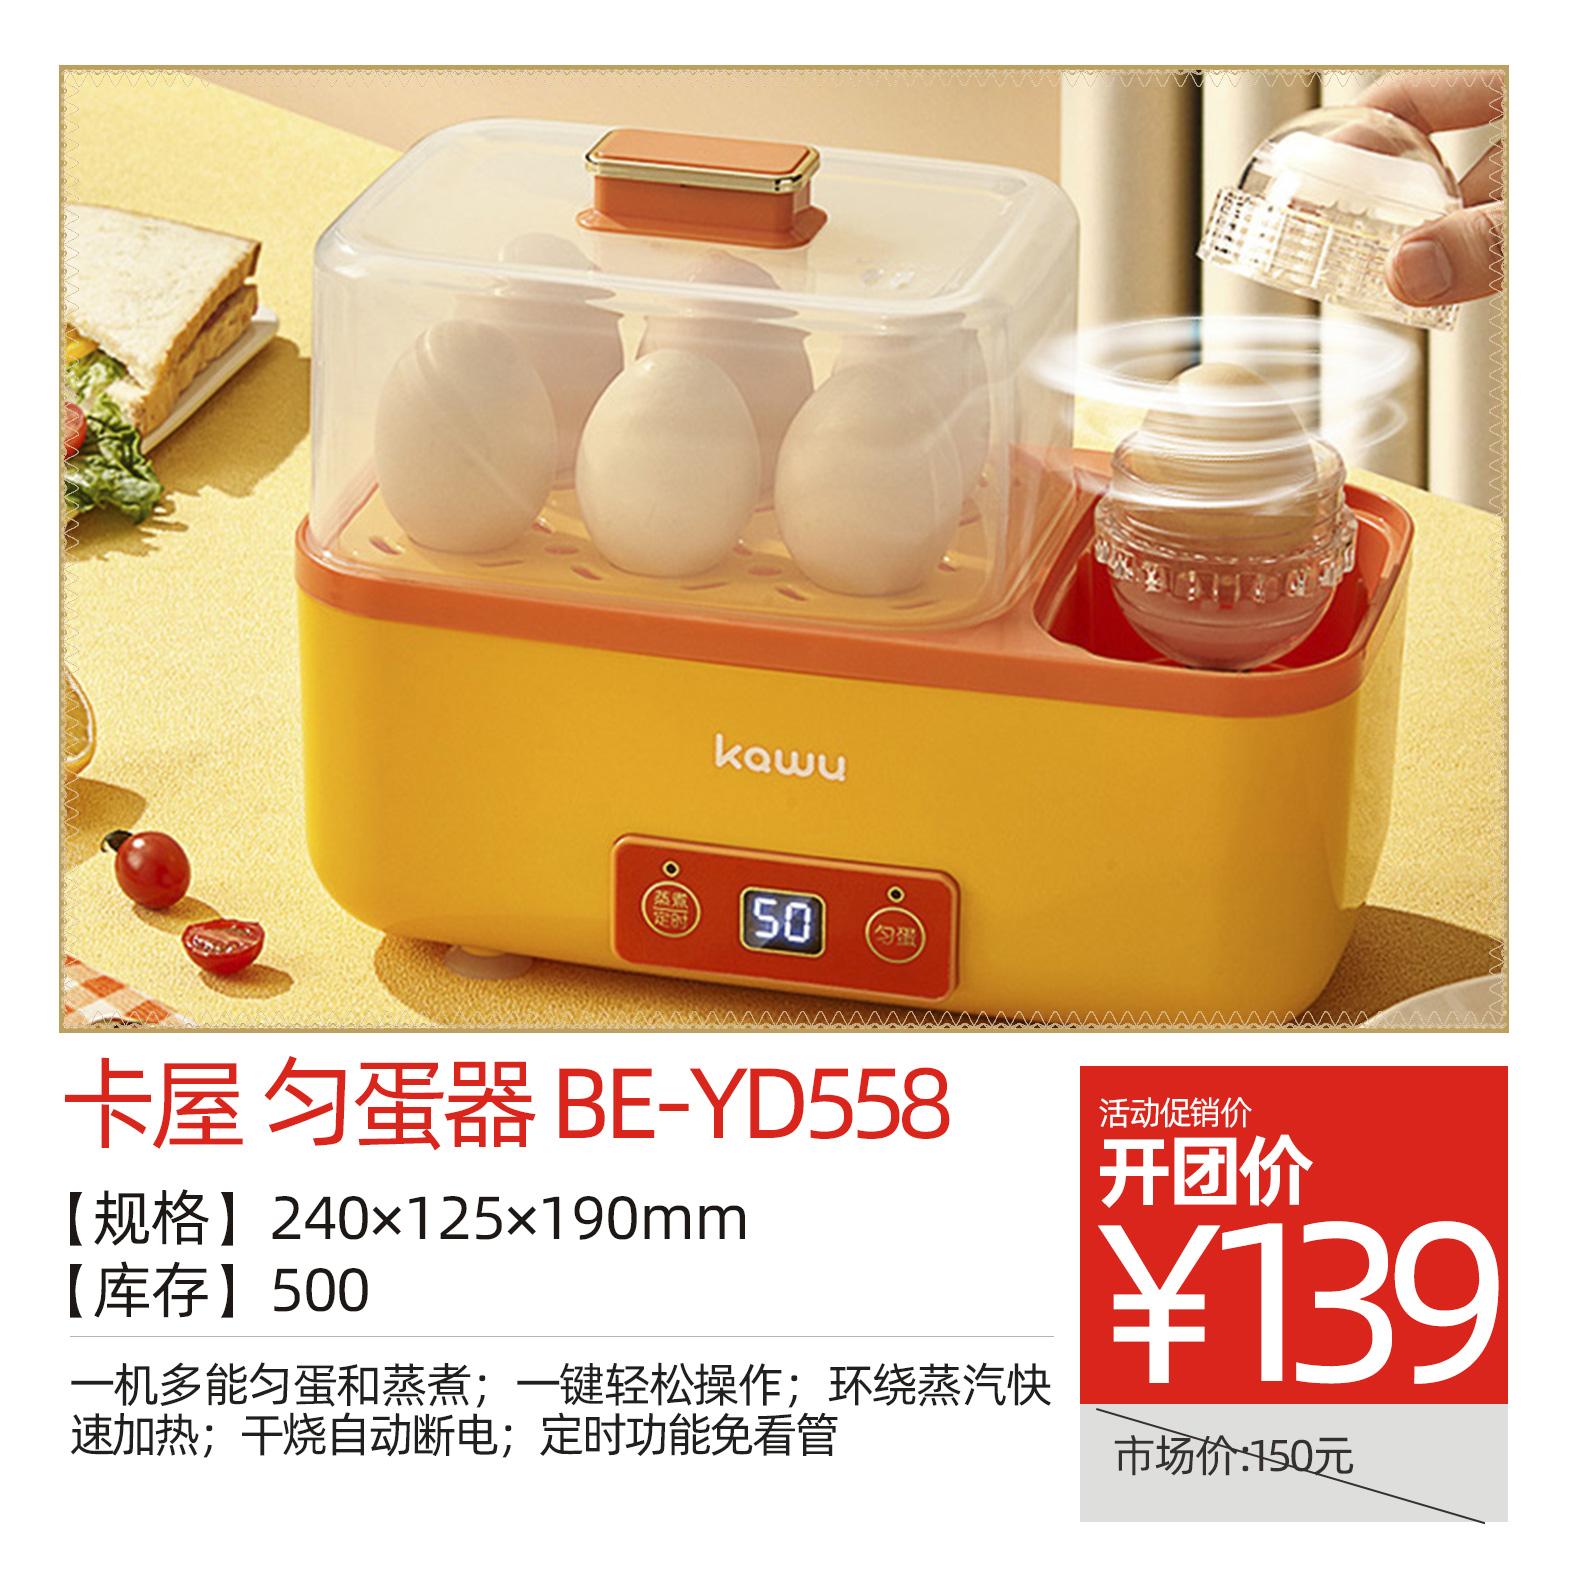 卡屋 匀蛋器 BE-YD558